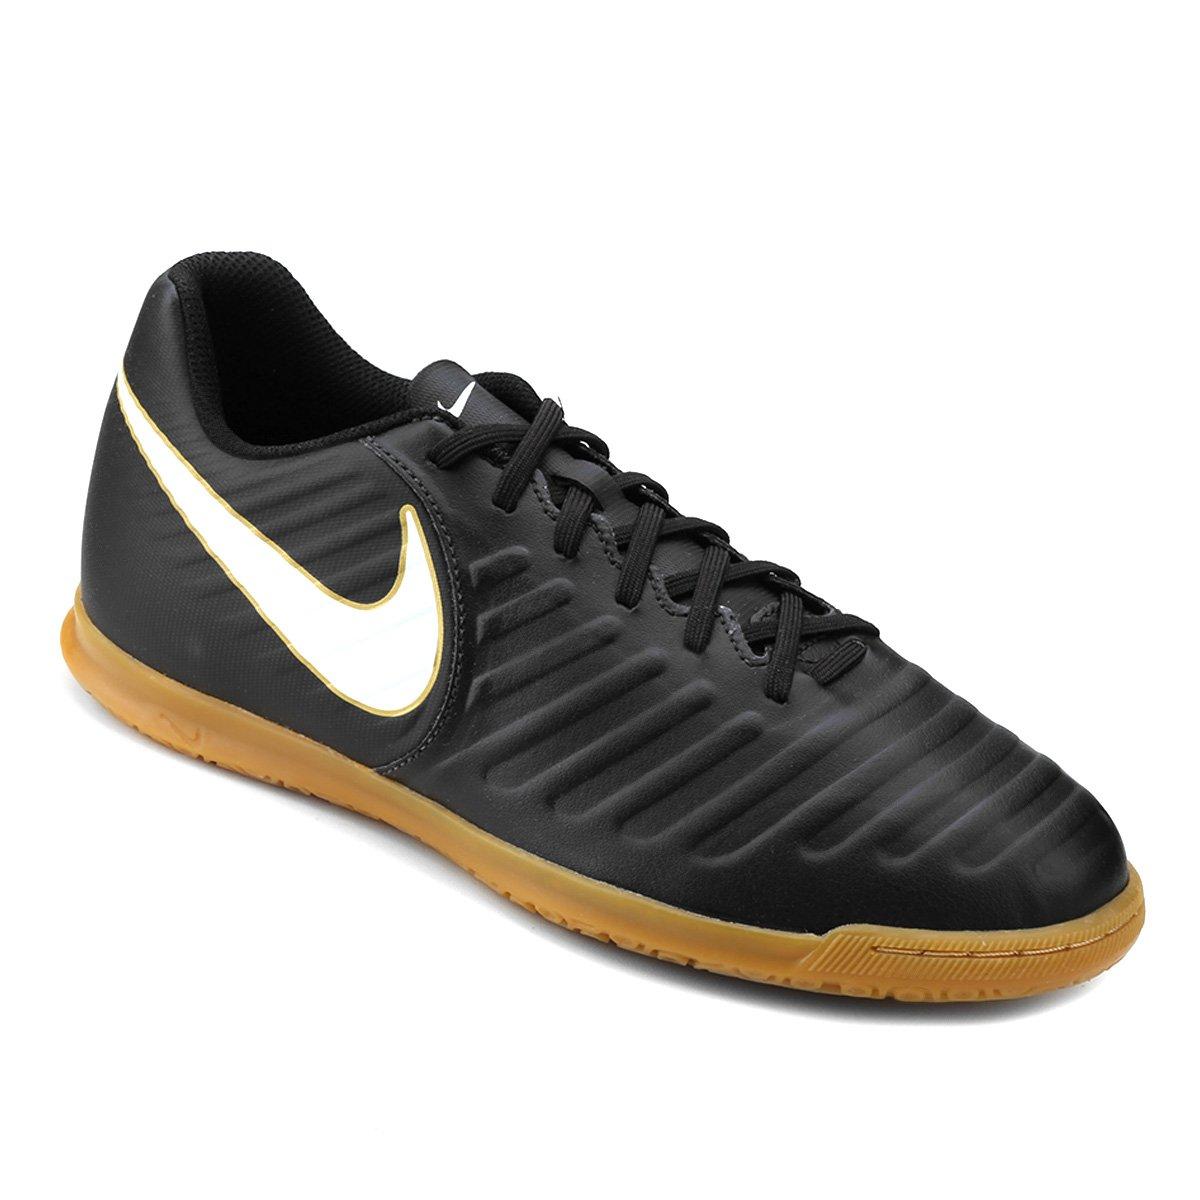 Chuteira Futsal Nike Tiempo Rio 4 IC - Preto e Branco - Compre Agora ... fab068fcbf65c